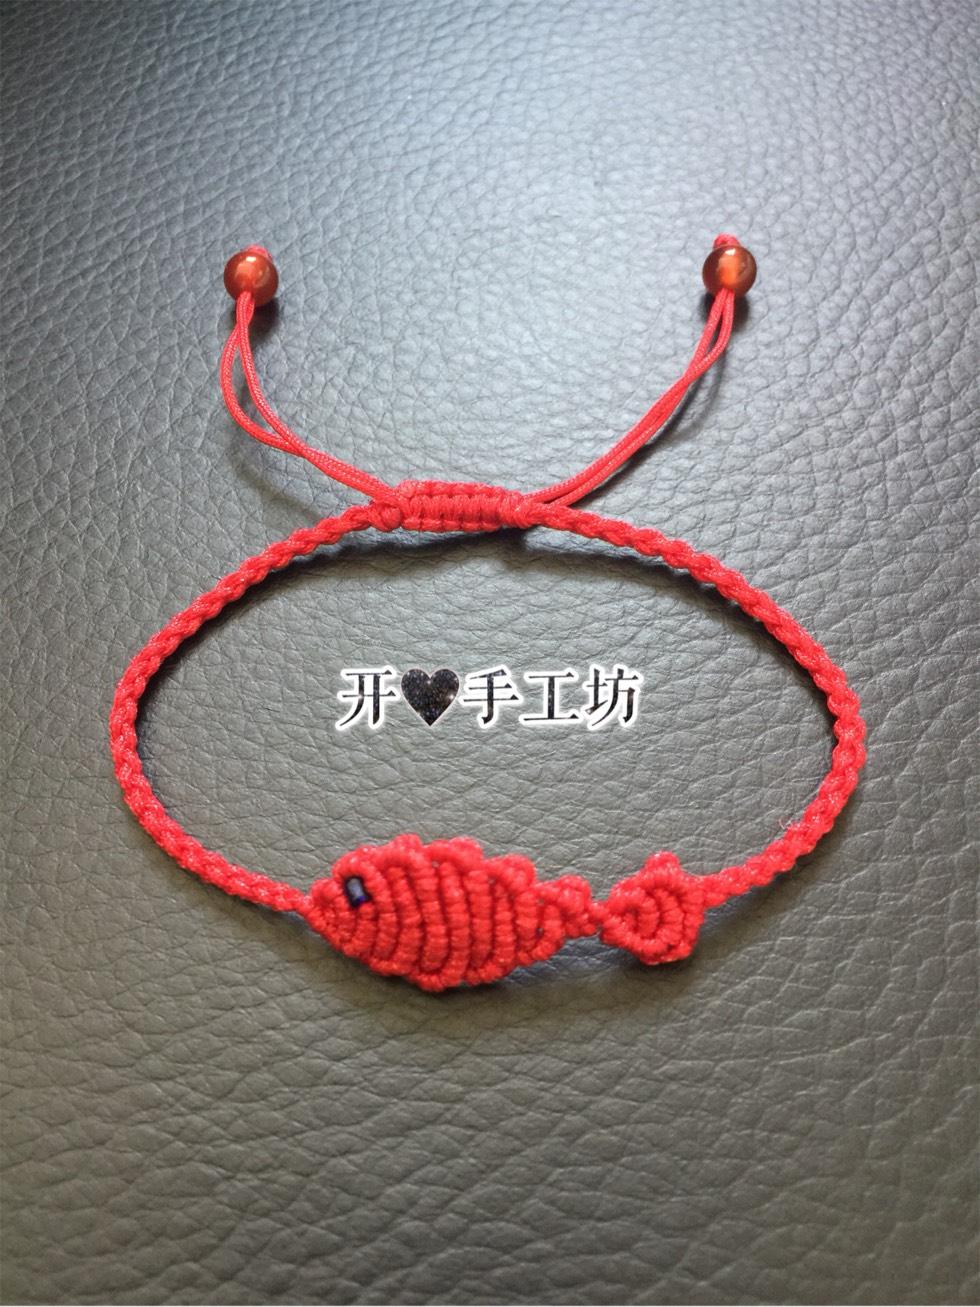 中国结论坛 小鱼  图文教程区 163132kcm35ad9w5ewmdwx